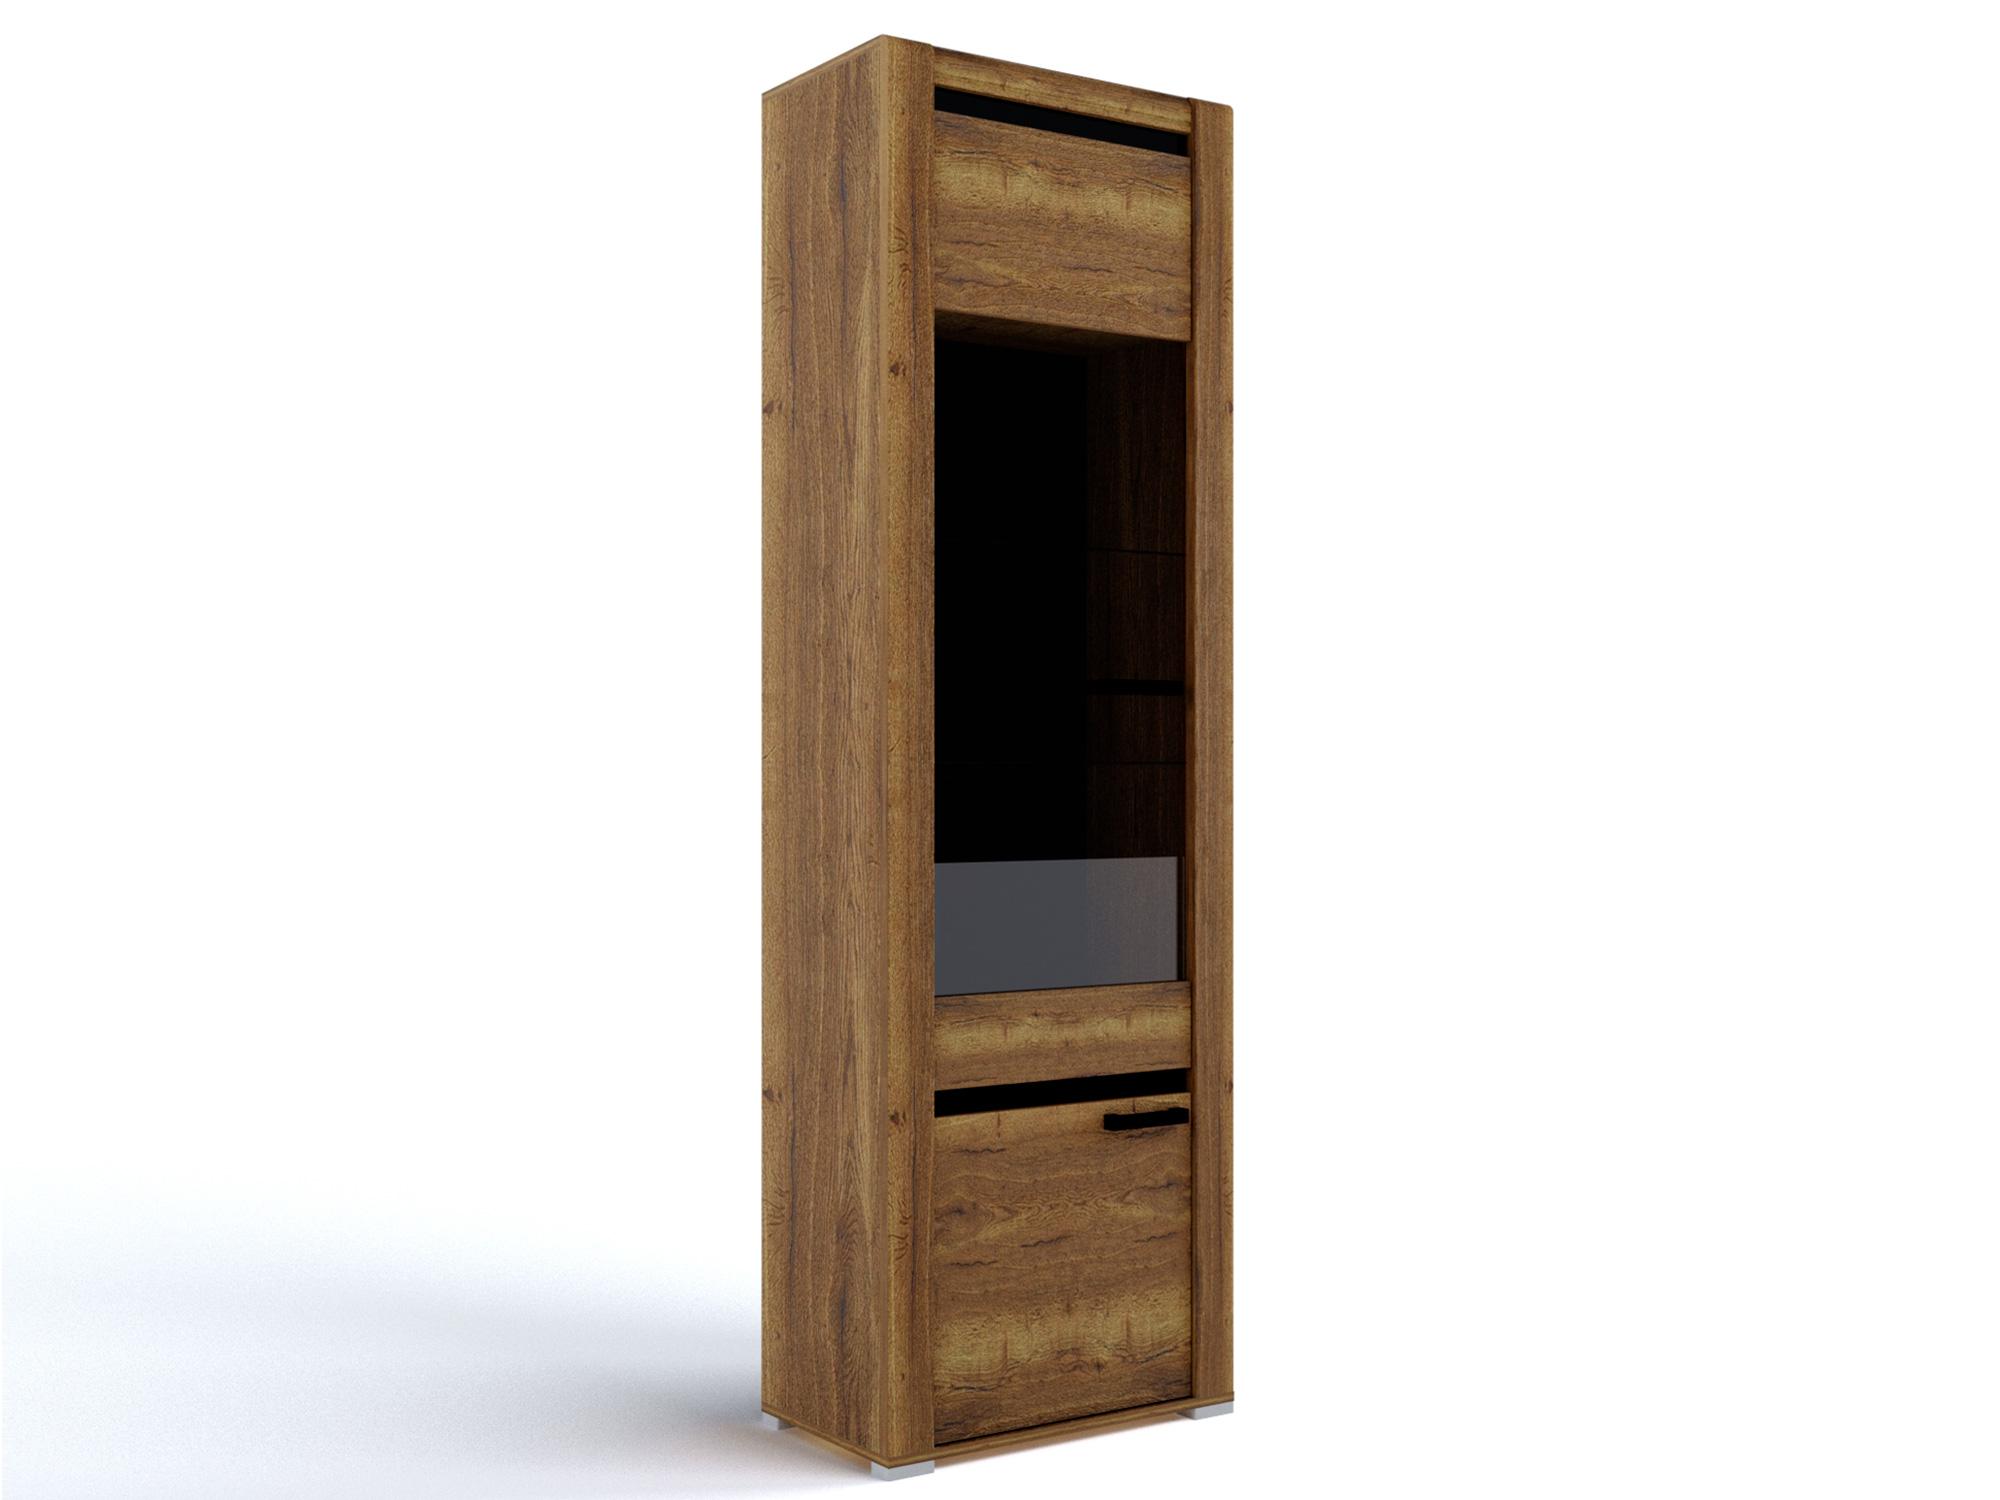 Шкаф со стеклом Бруна Дуб галифакс табак, Коричневый, Коричневый